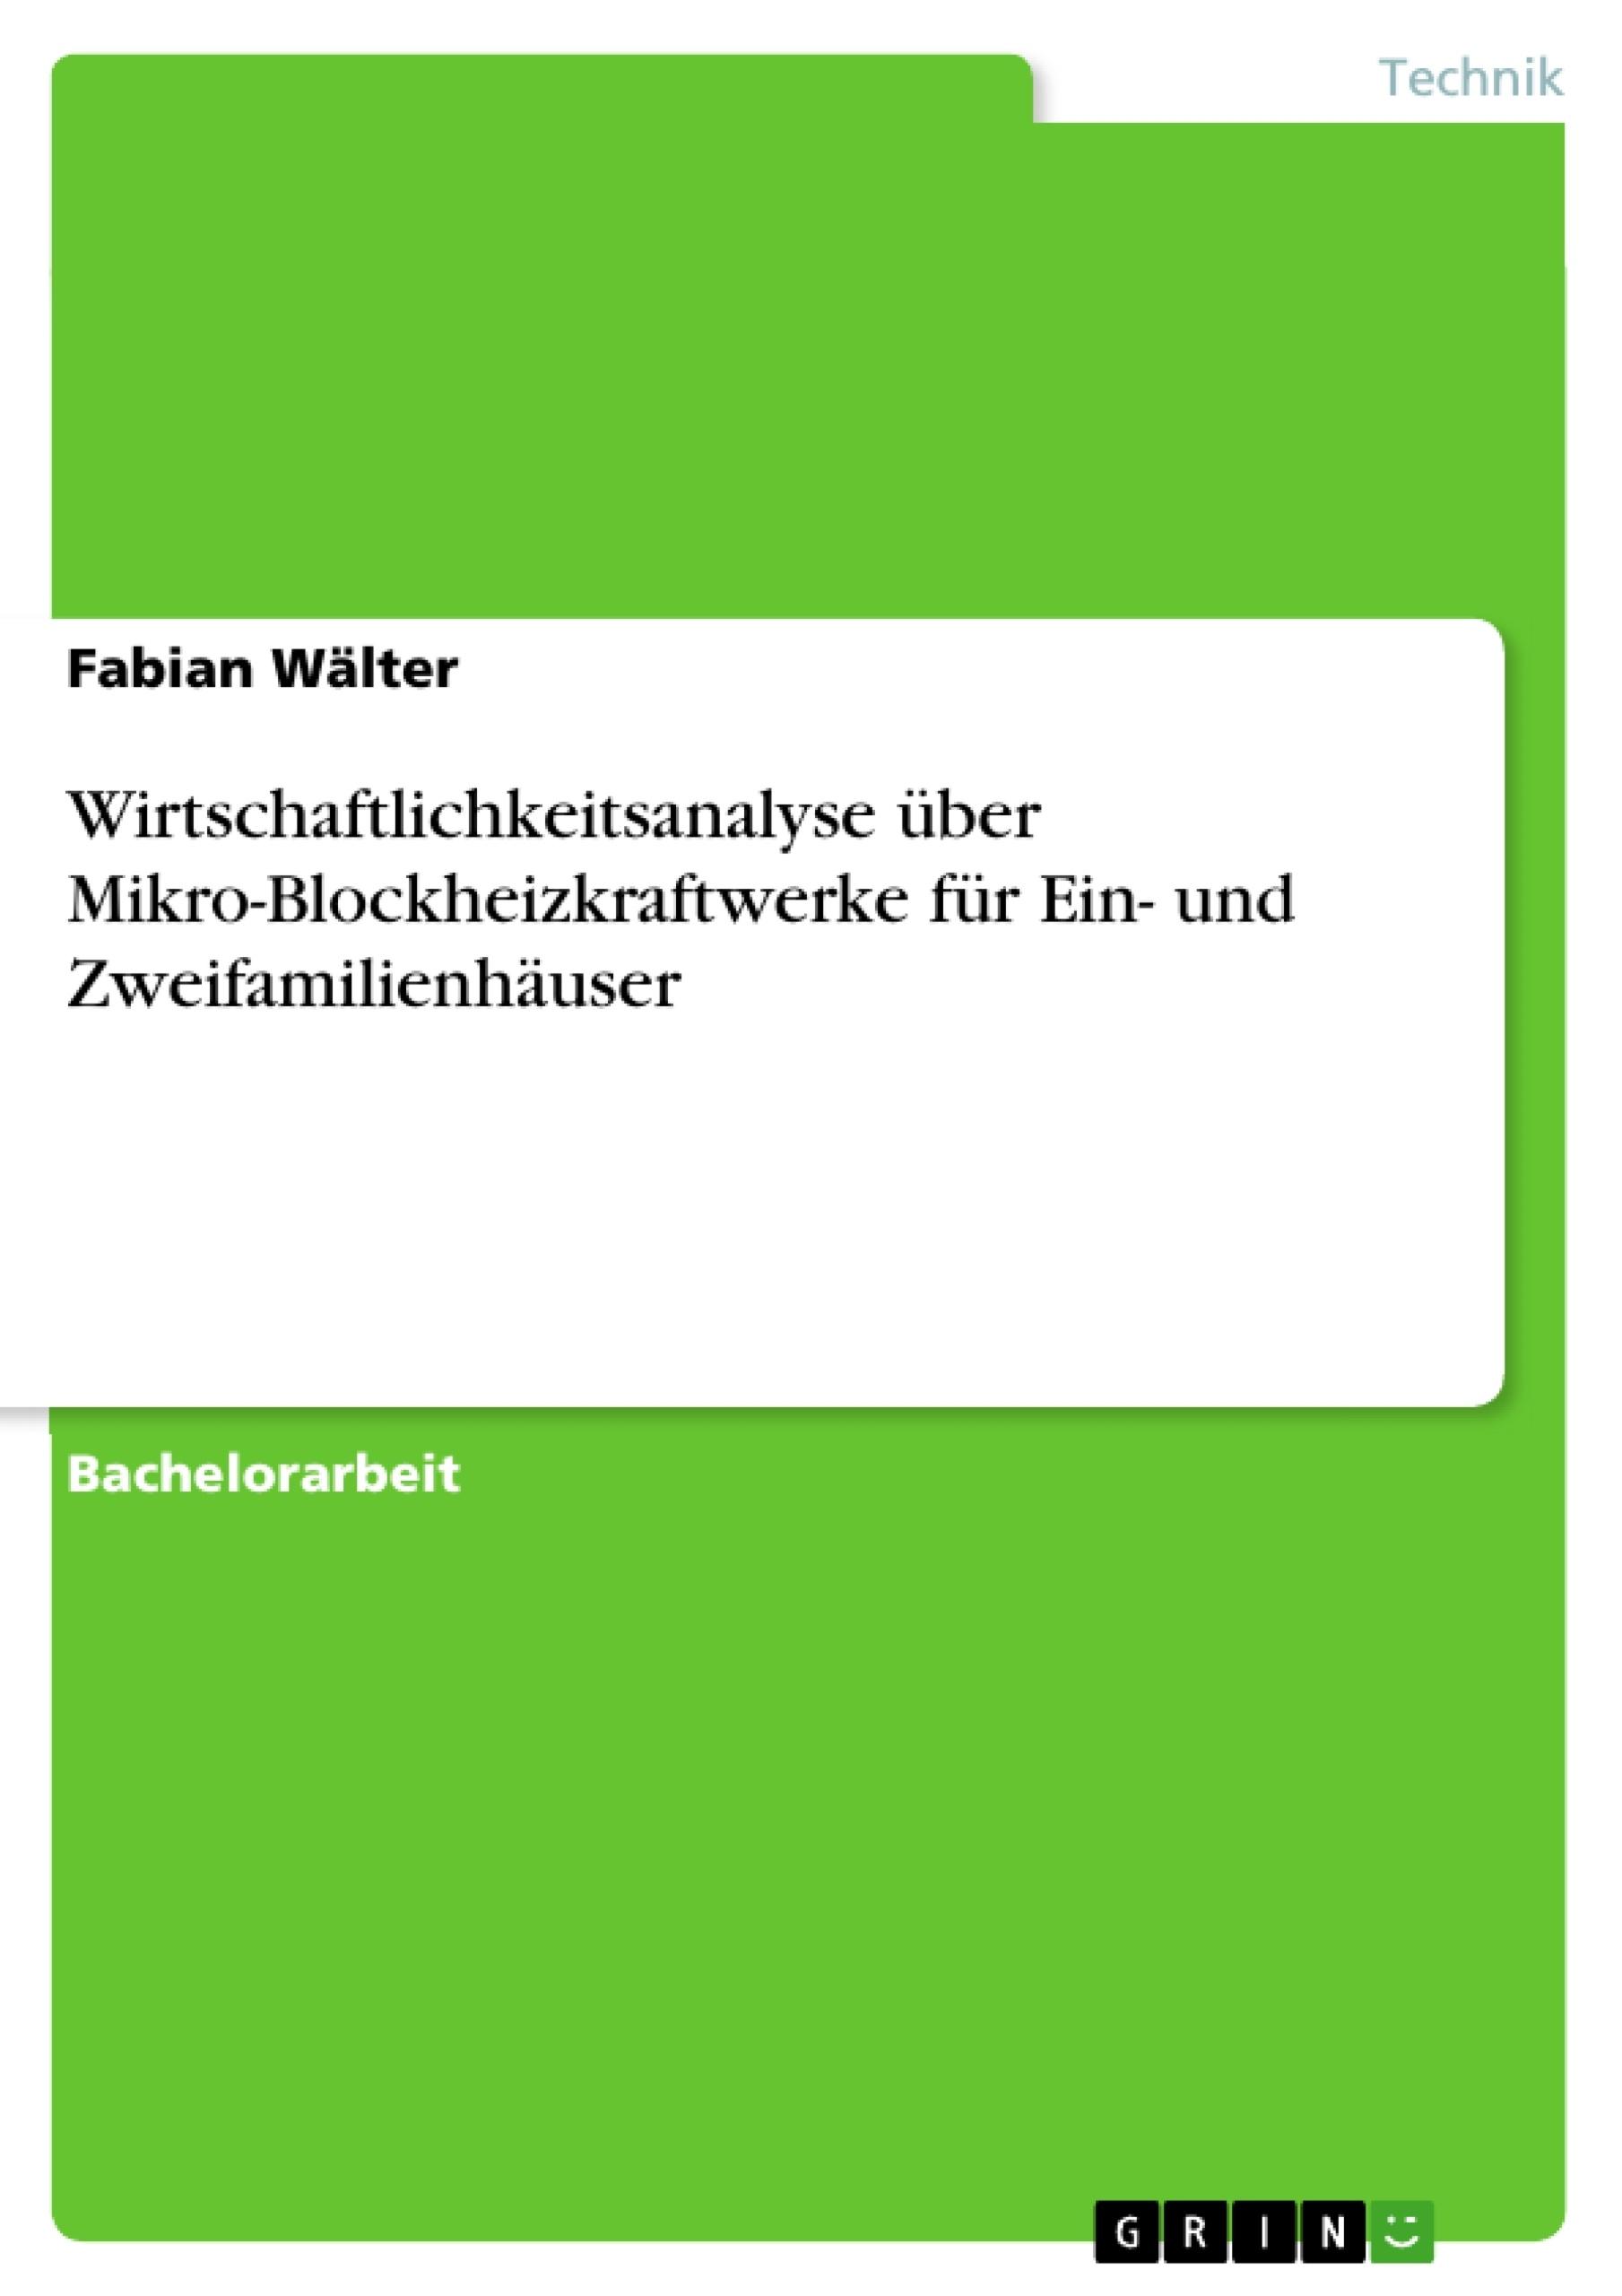 Titel: Wirtschaftlichkeitsanalyse über Mikro-Blockheizkraftwerke für Ein- und Zweifamilienhäuser